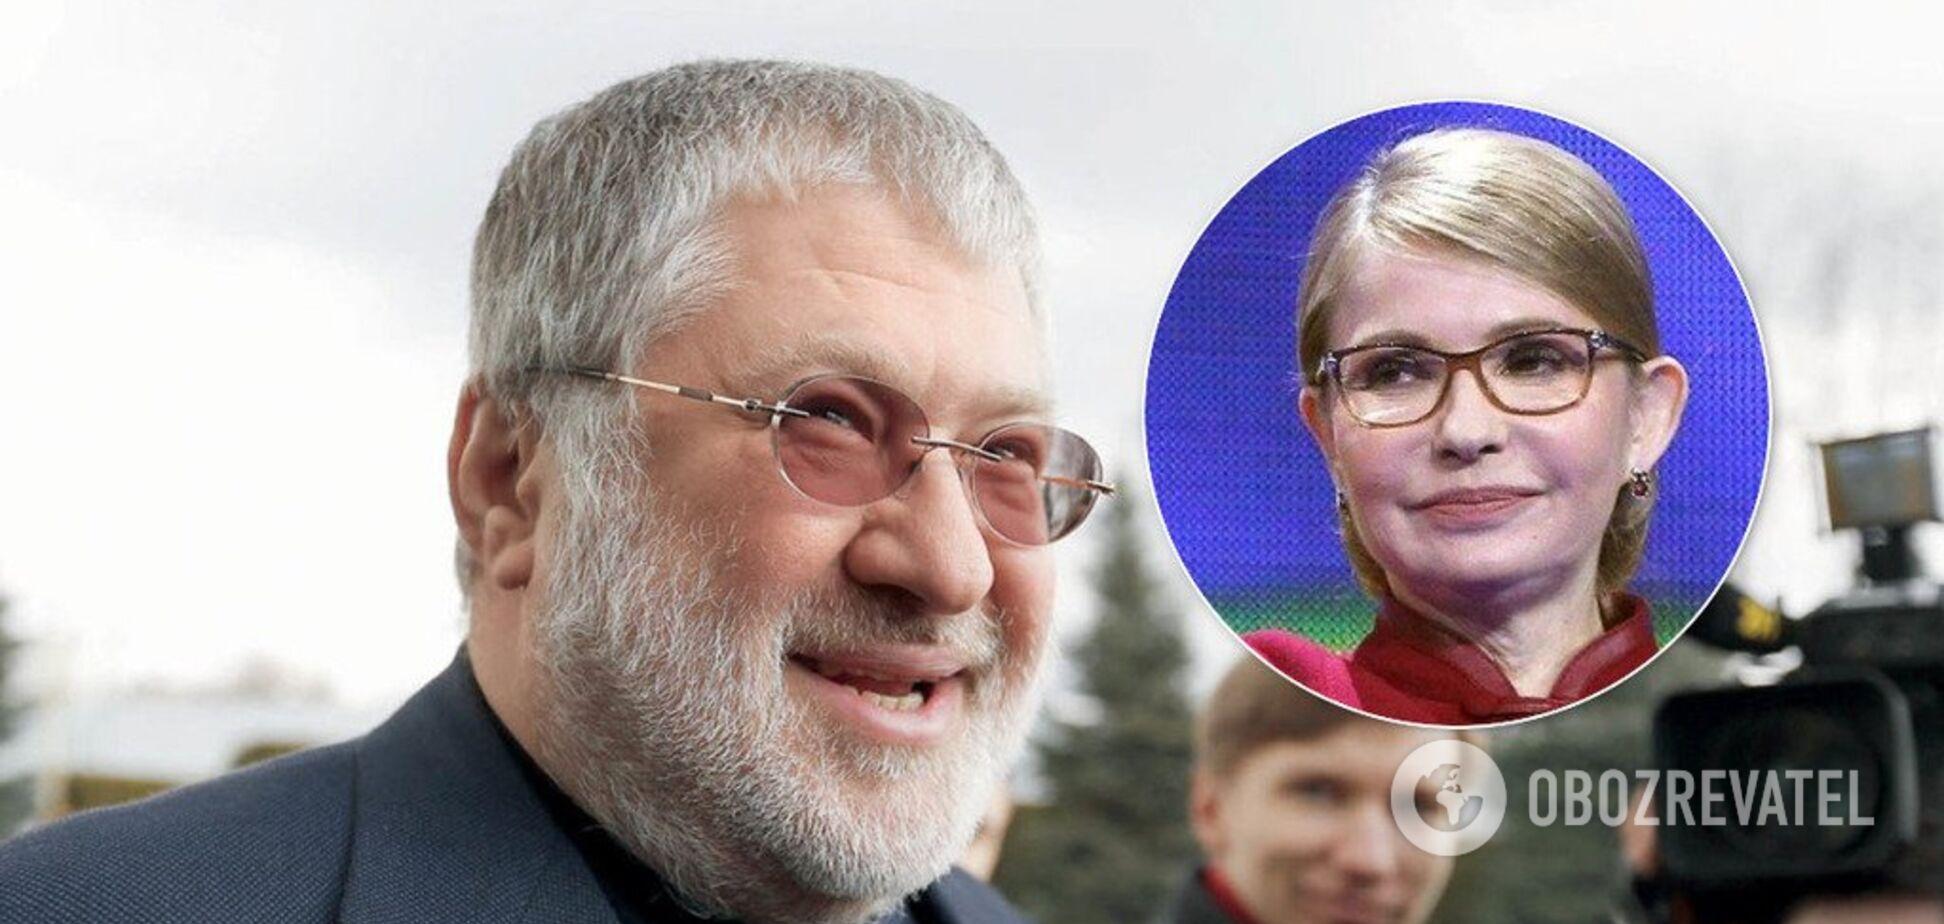 'Мы друзья!' Коломойский заявил о поддержке Тимошенко на выборах в Раду